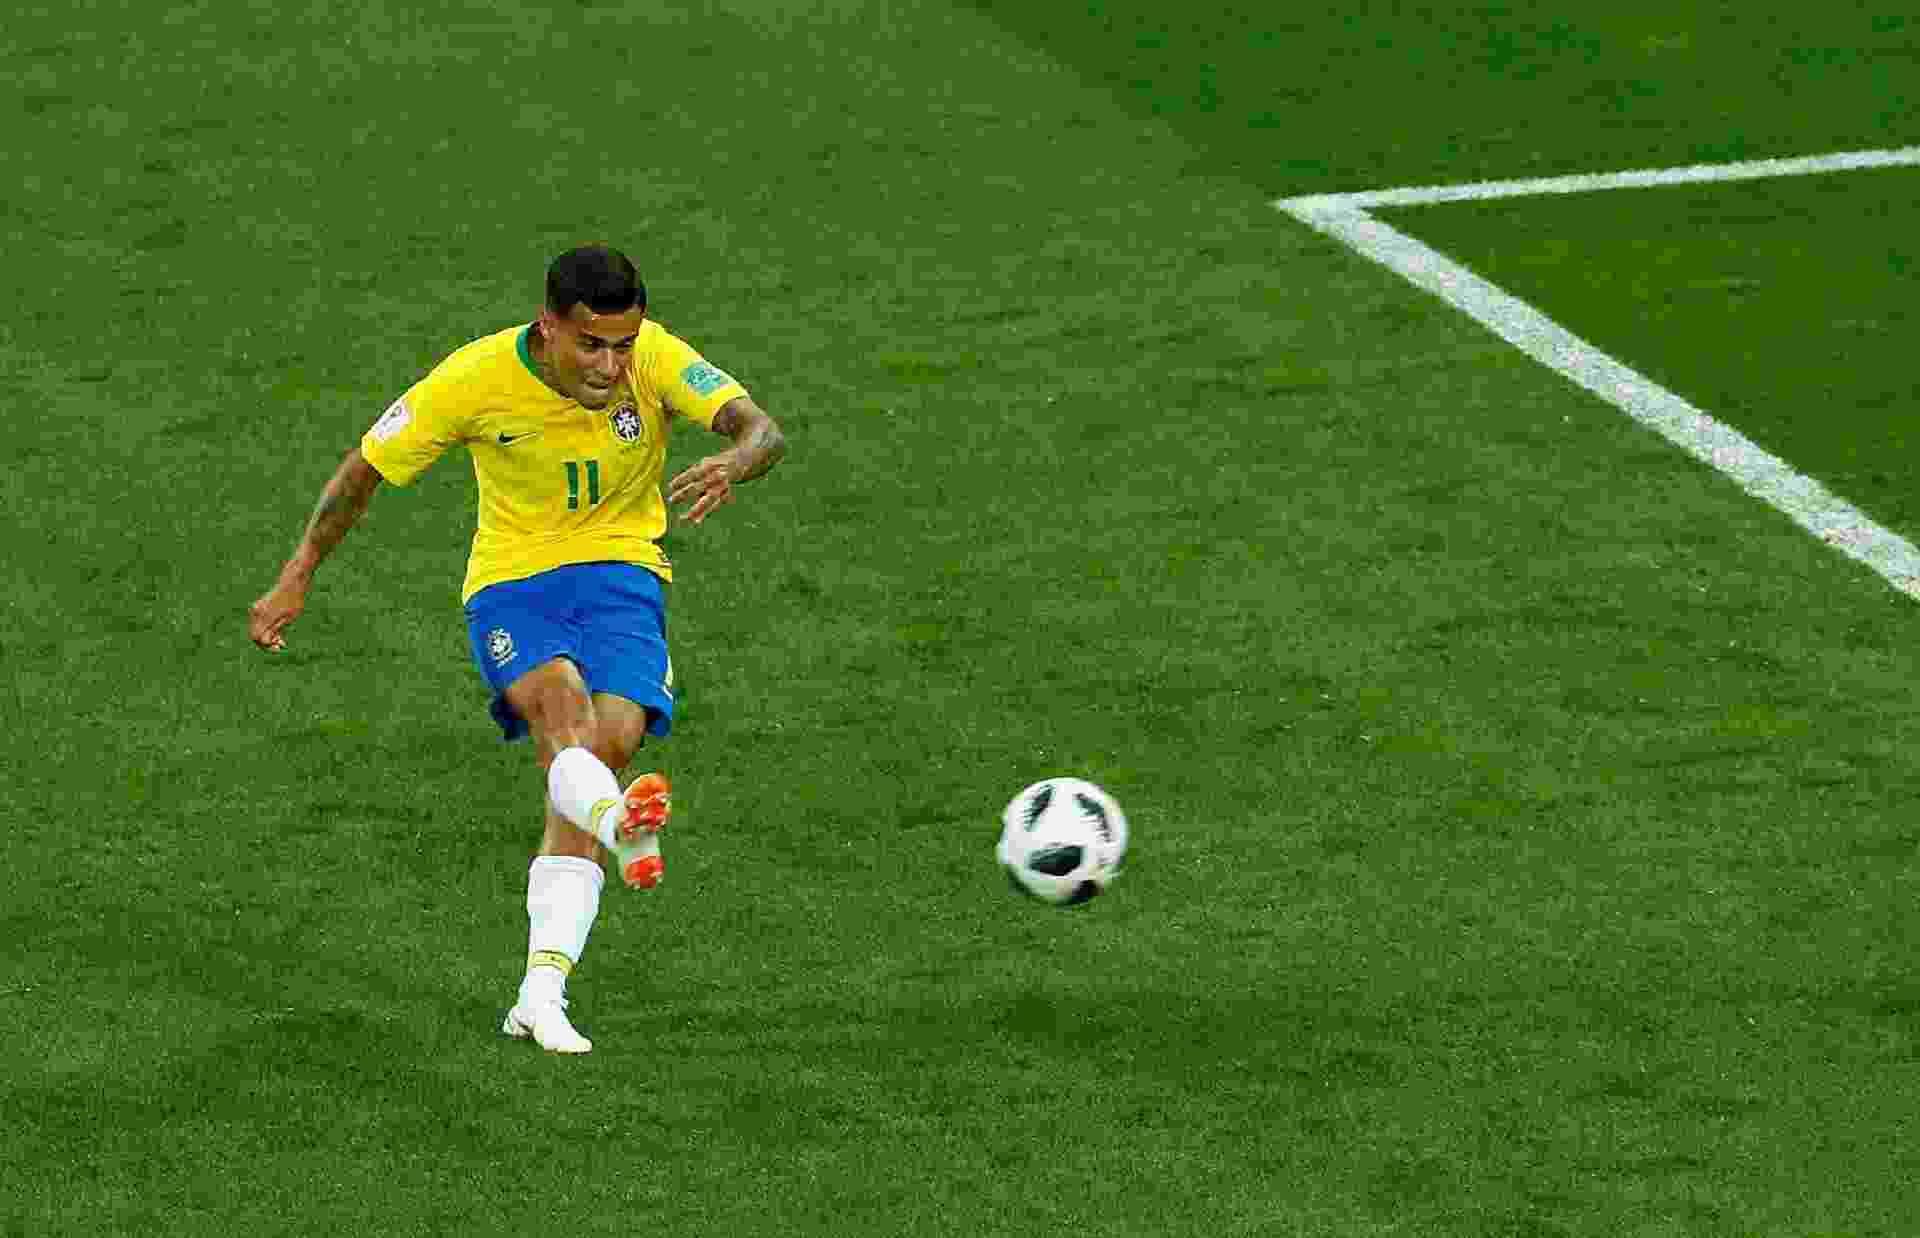 Philippe Coutinho chuta para abrir  o placar para a seleção brasileira contra  Suíça - REUTERS/Jason Cairnduff